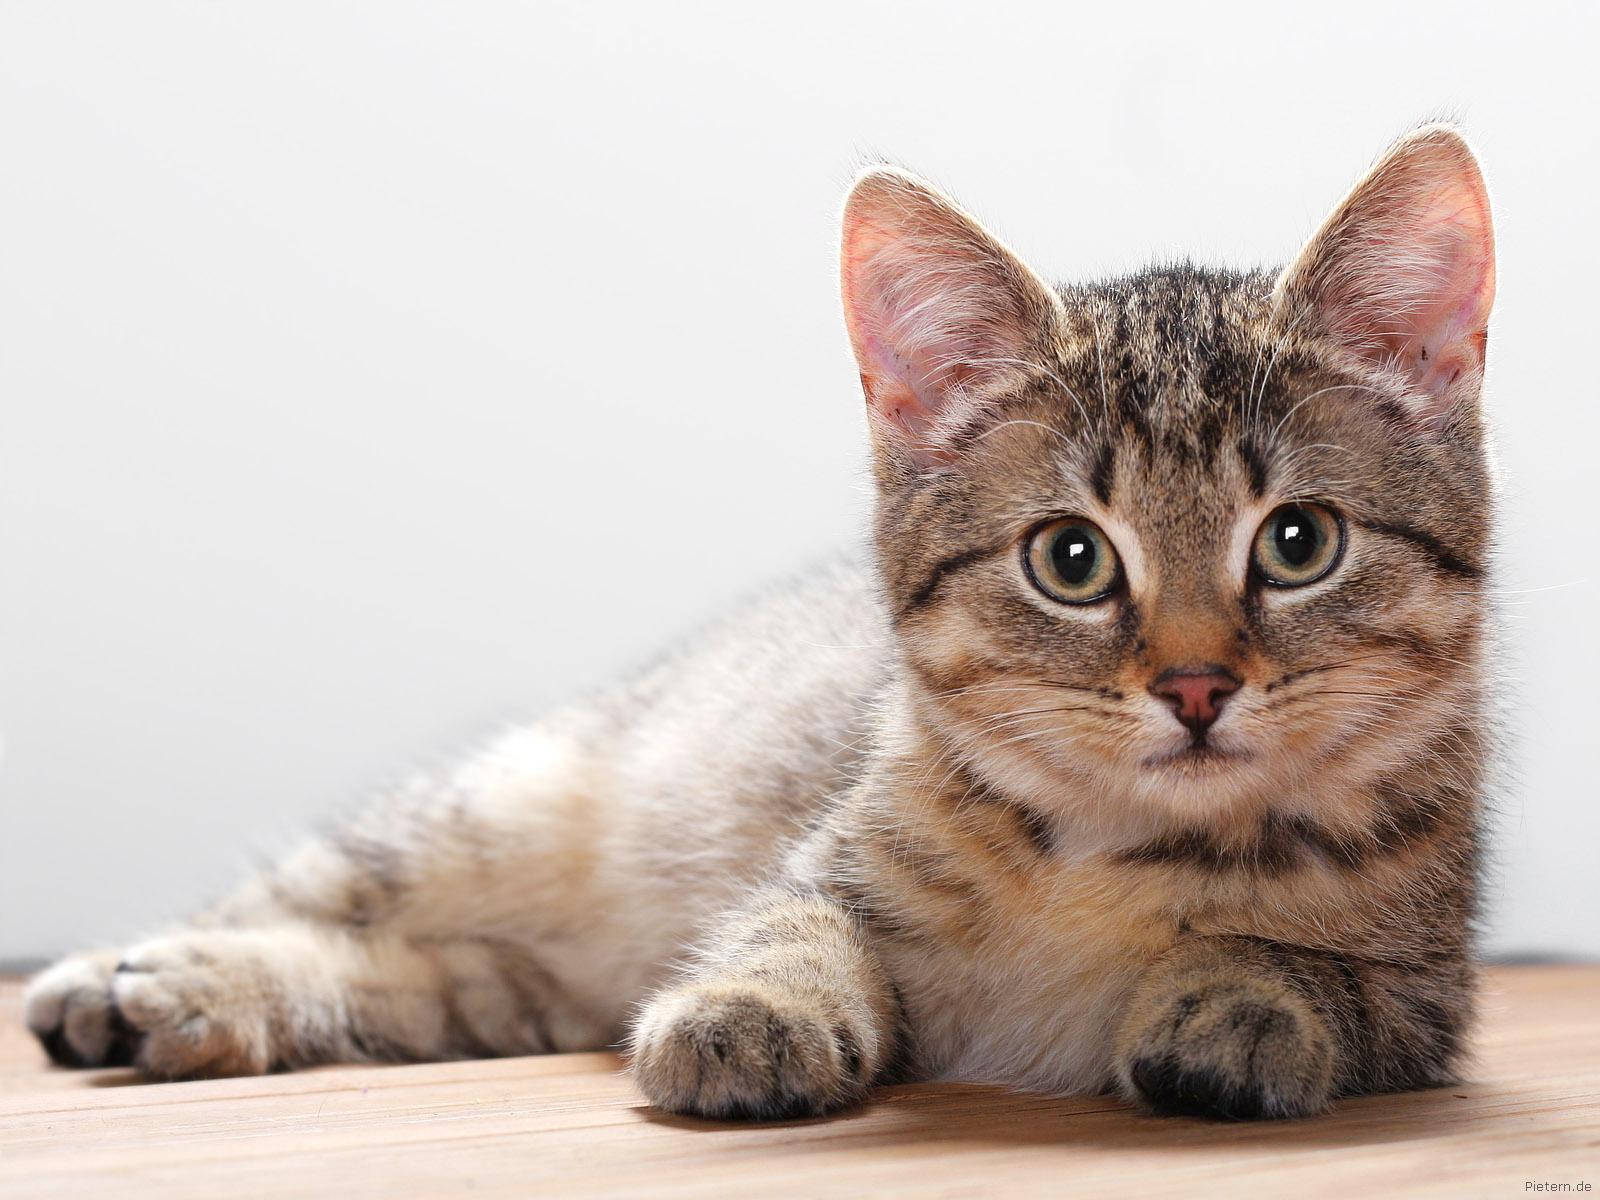 http://2.bp.blogspot.com/-vzGgFFtW-VY/Tz-eozaHw3I/AAAAAAAAM3k/OMvxpFYr23s/s1600/The-best-top-desktop-cat-wallpapers-10.jpg